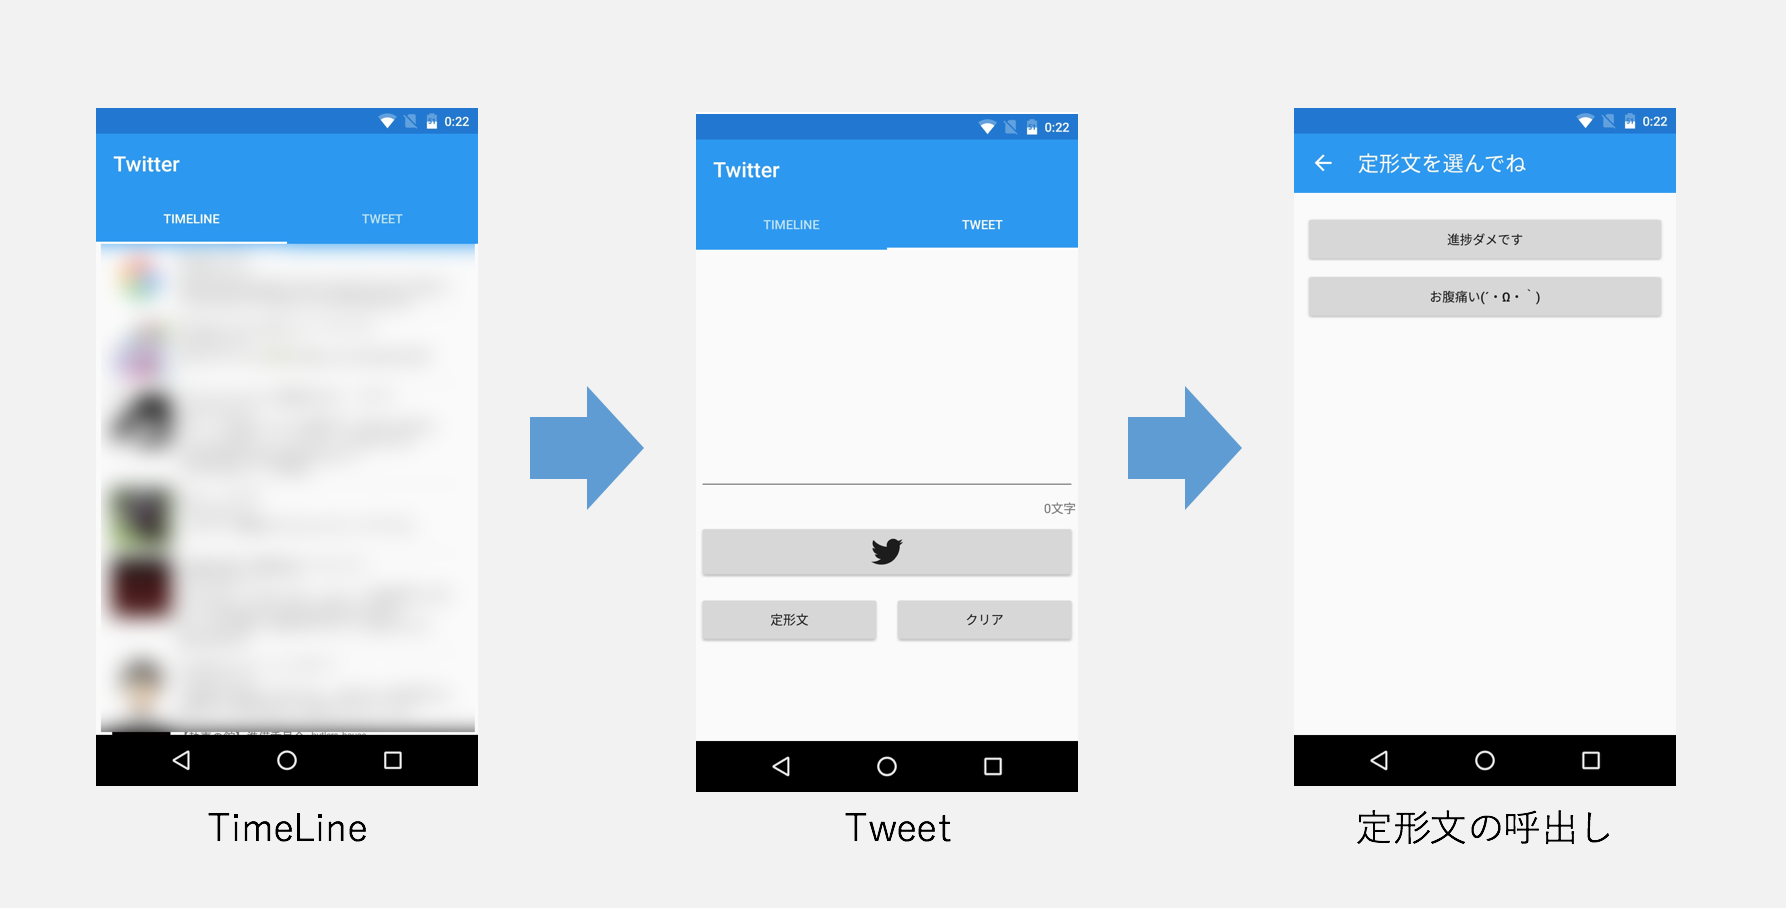 Xamarin Formsで簡単なTwitterクライアントを作った際の小ネタ